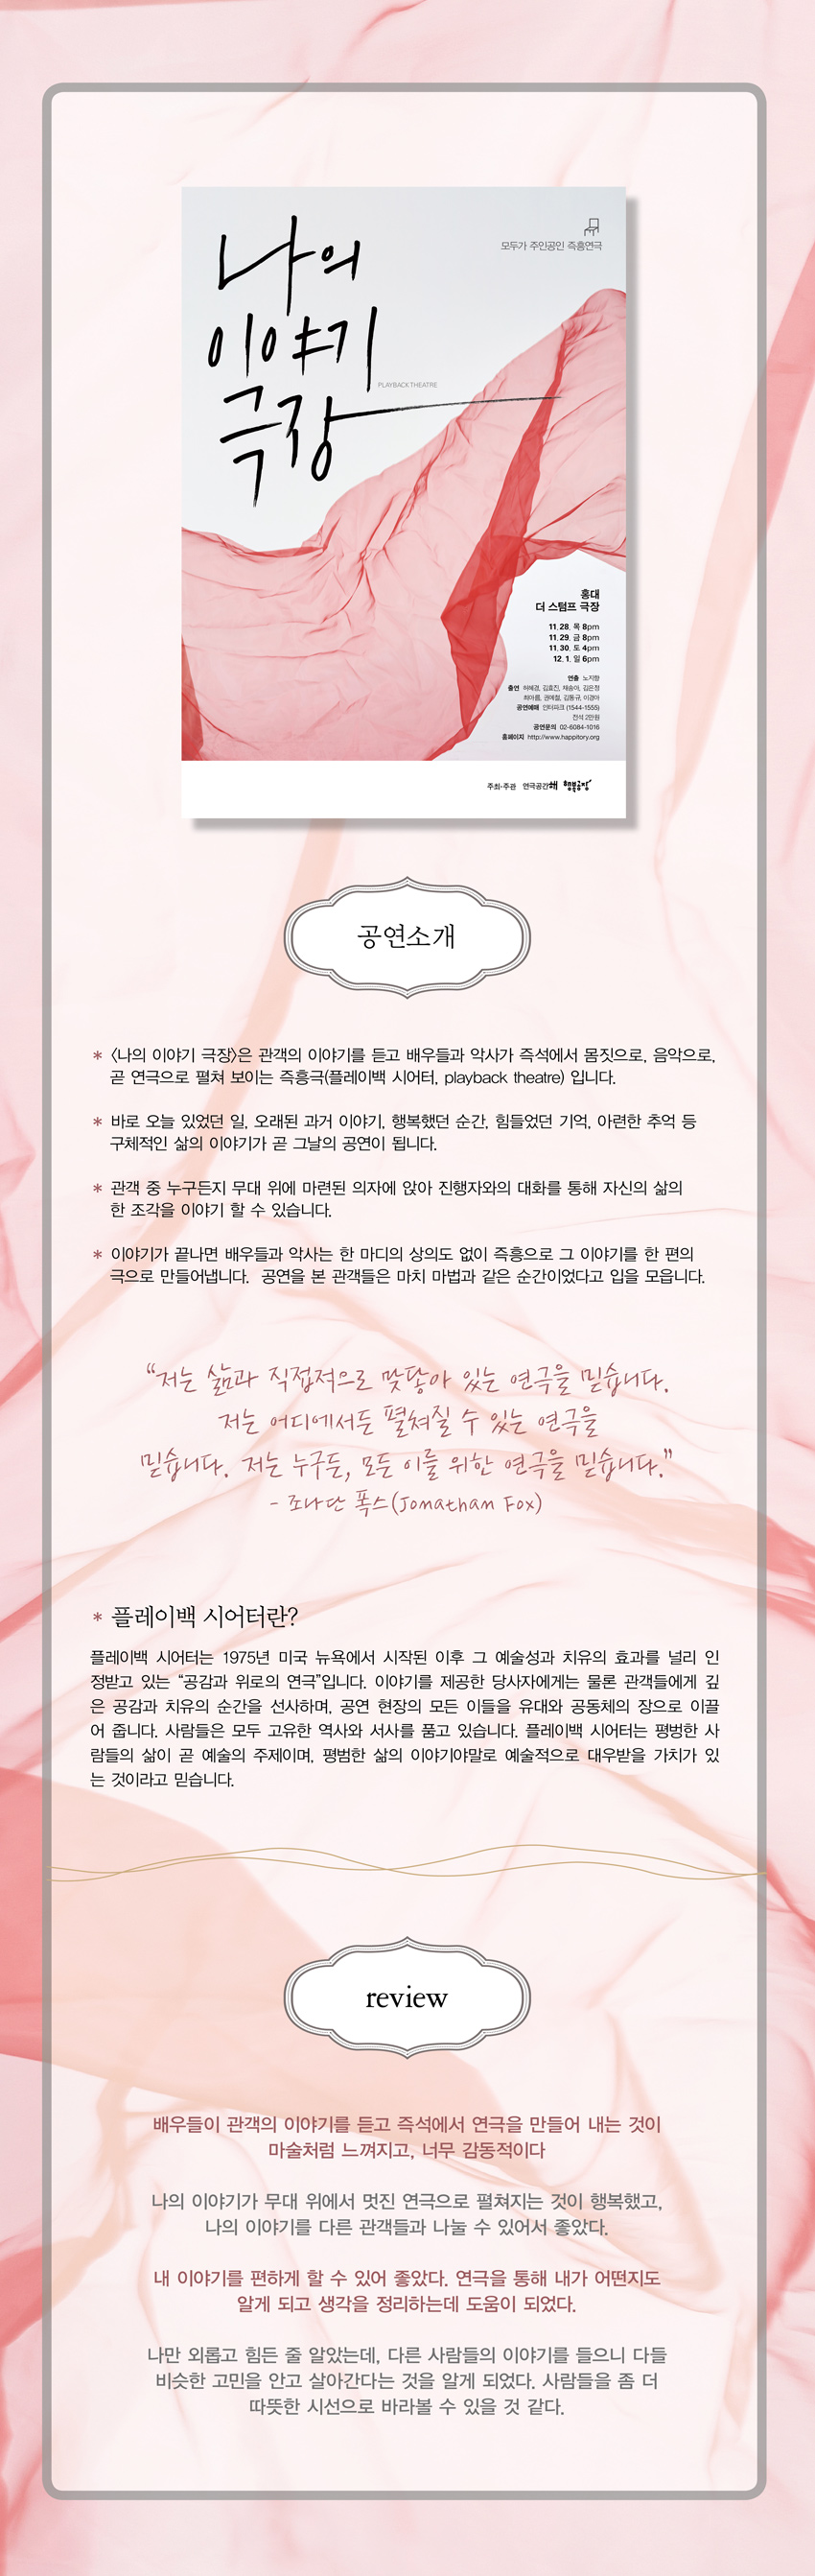 나의이야기극장_웹자보2_최종re.jpg